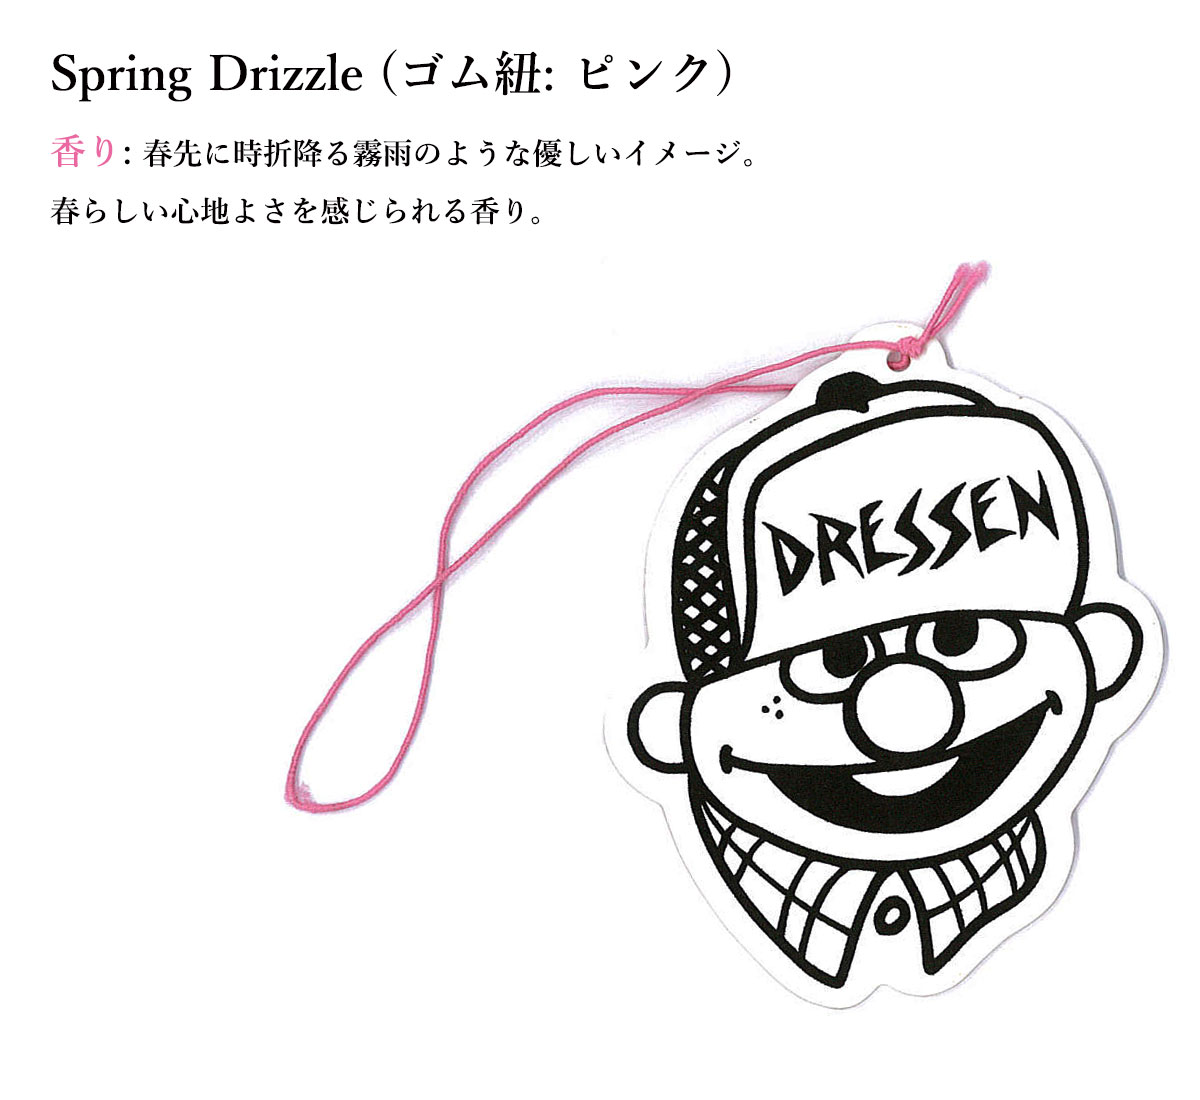 DRESSEN SKATES (ドレッセンスケーツ) ERIC D. Air Freshener air freshner car room restroom flavor fragrance smell air freshner suspension fashion